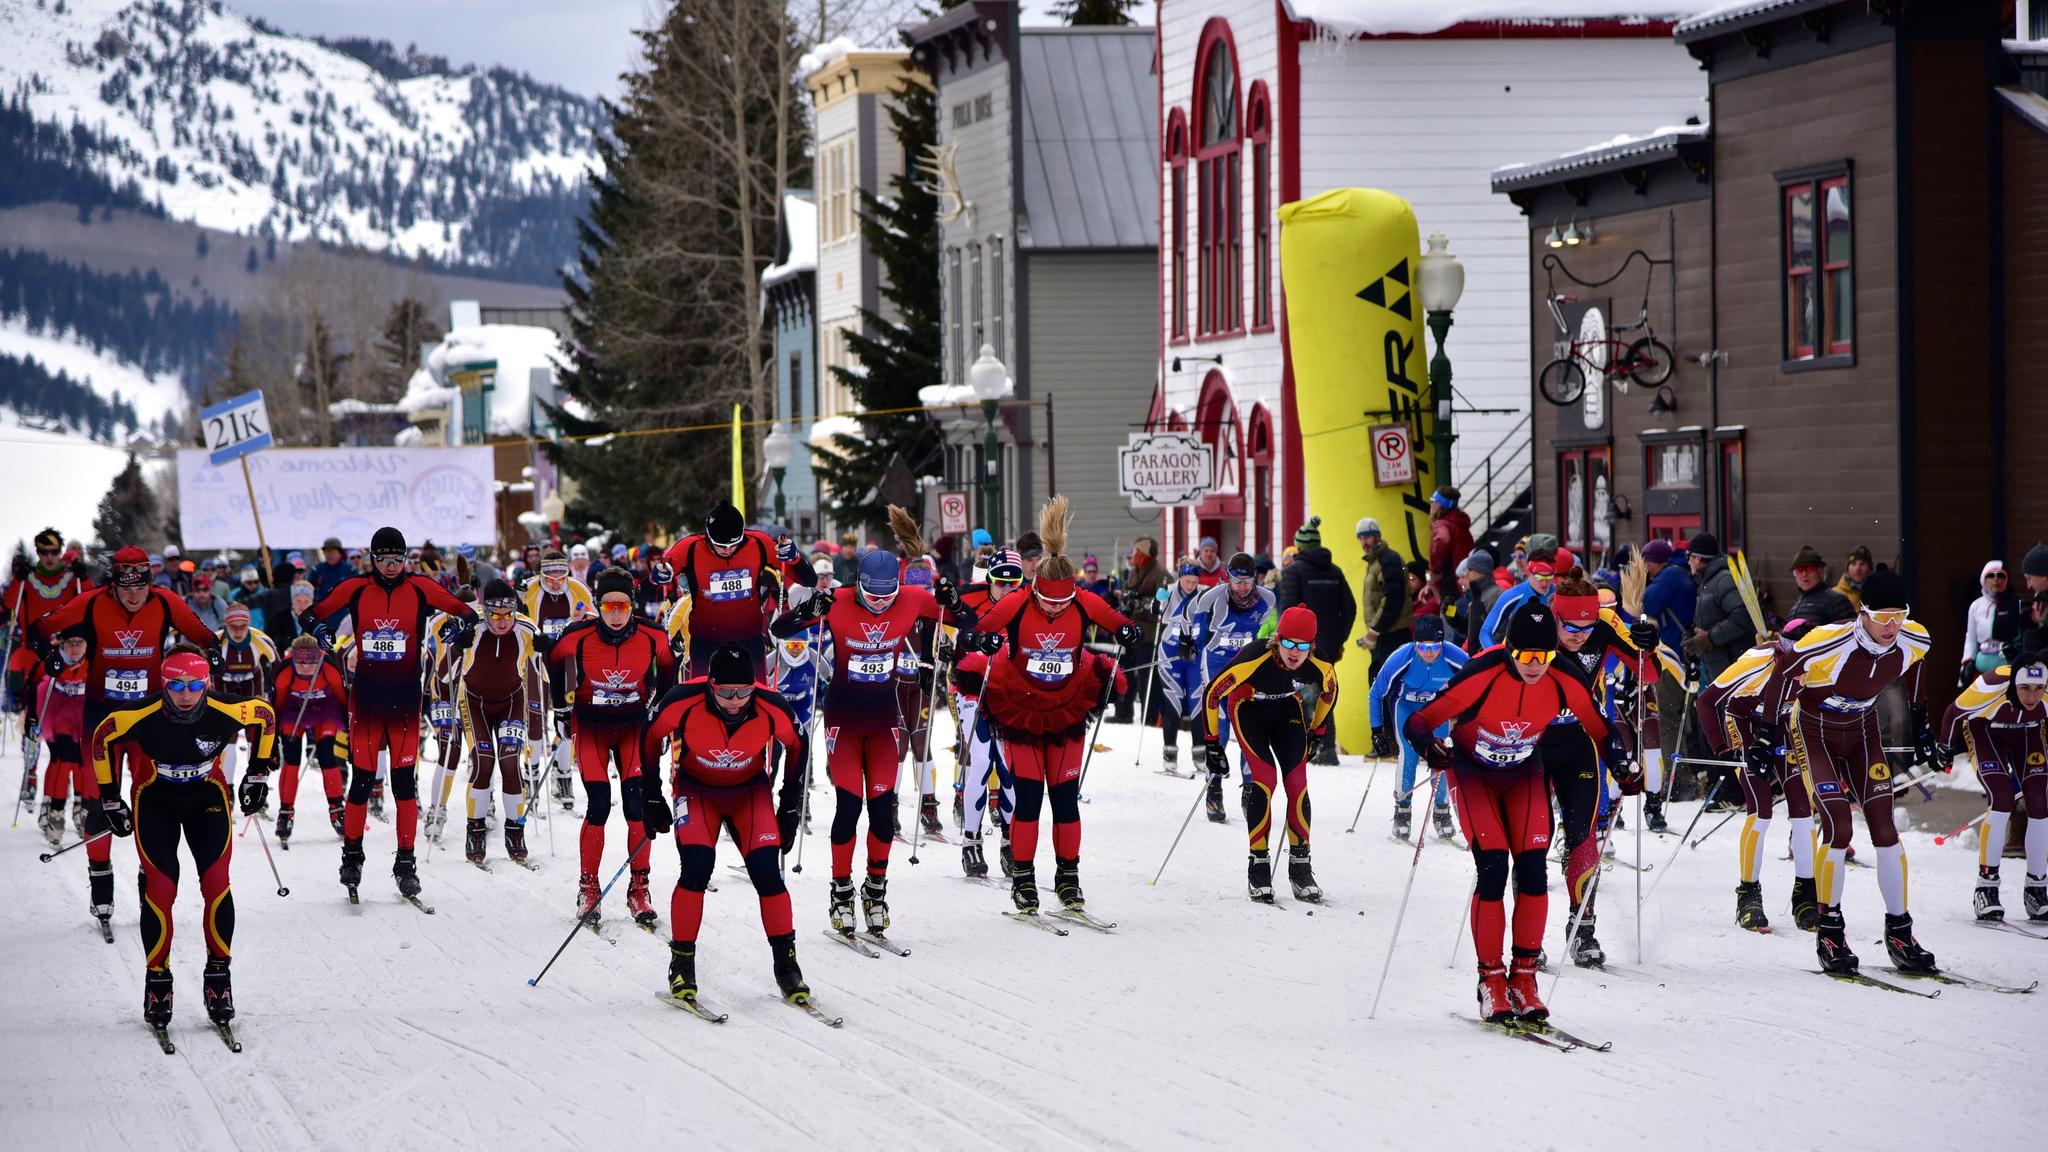 2019ノルディックスキー世界選手権・クロスカントリー 結果速報・日程出場選手